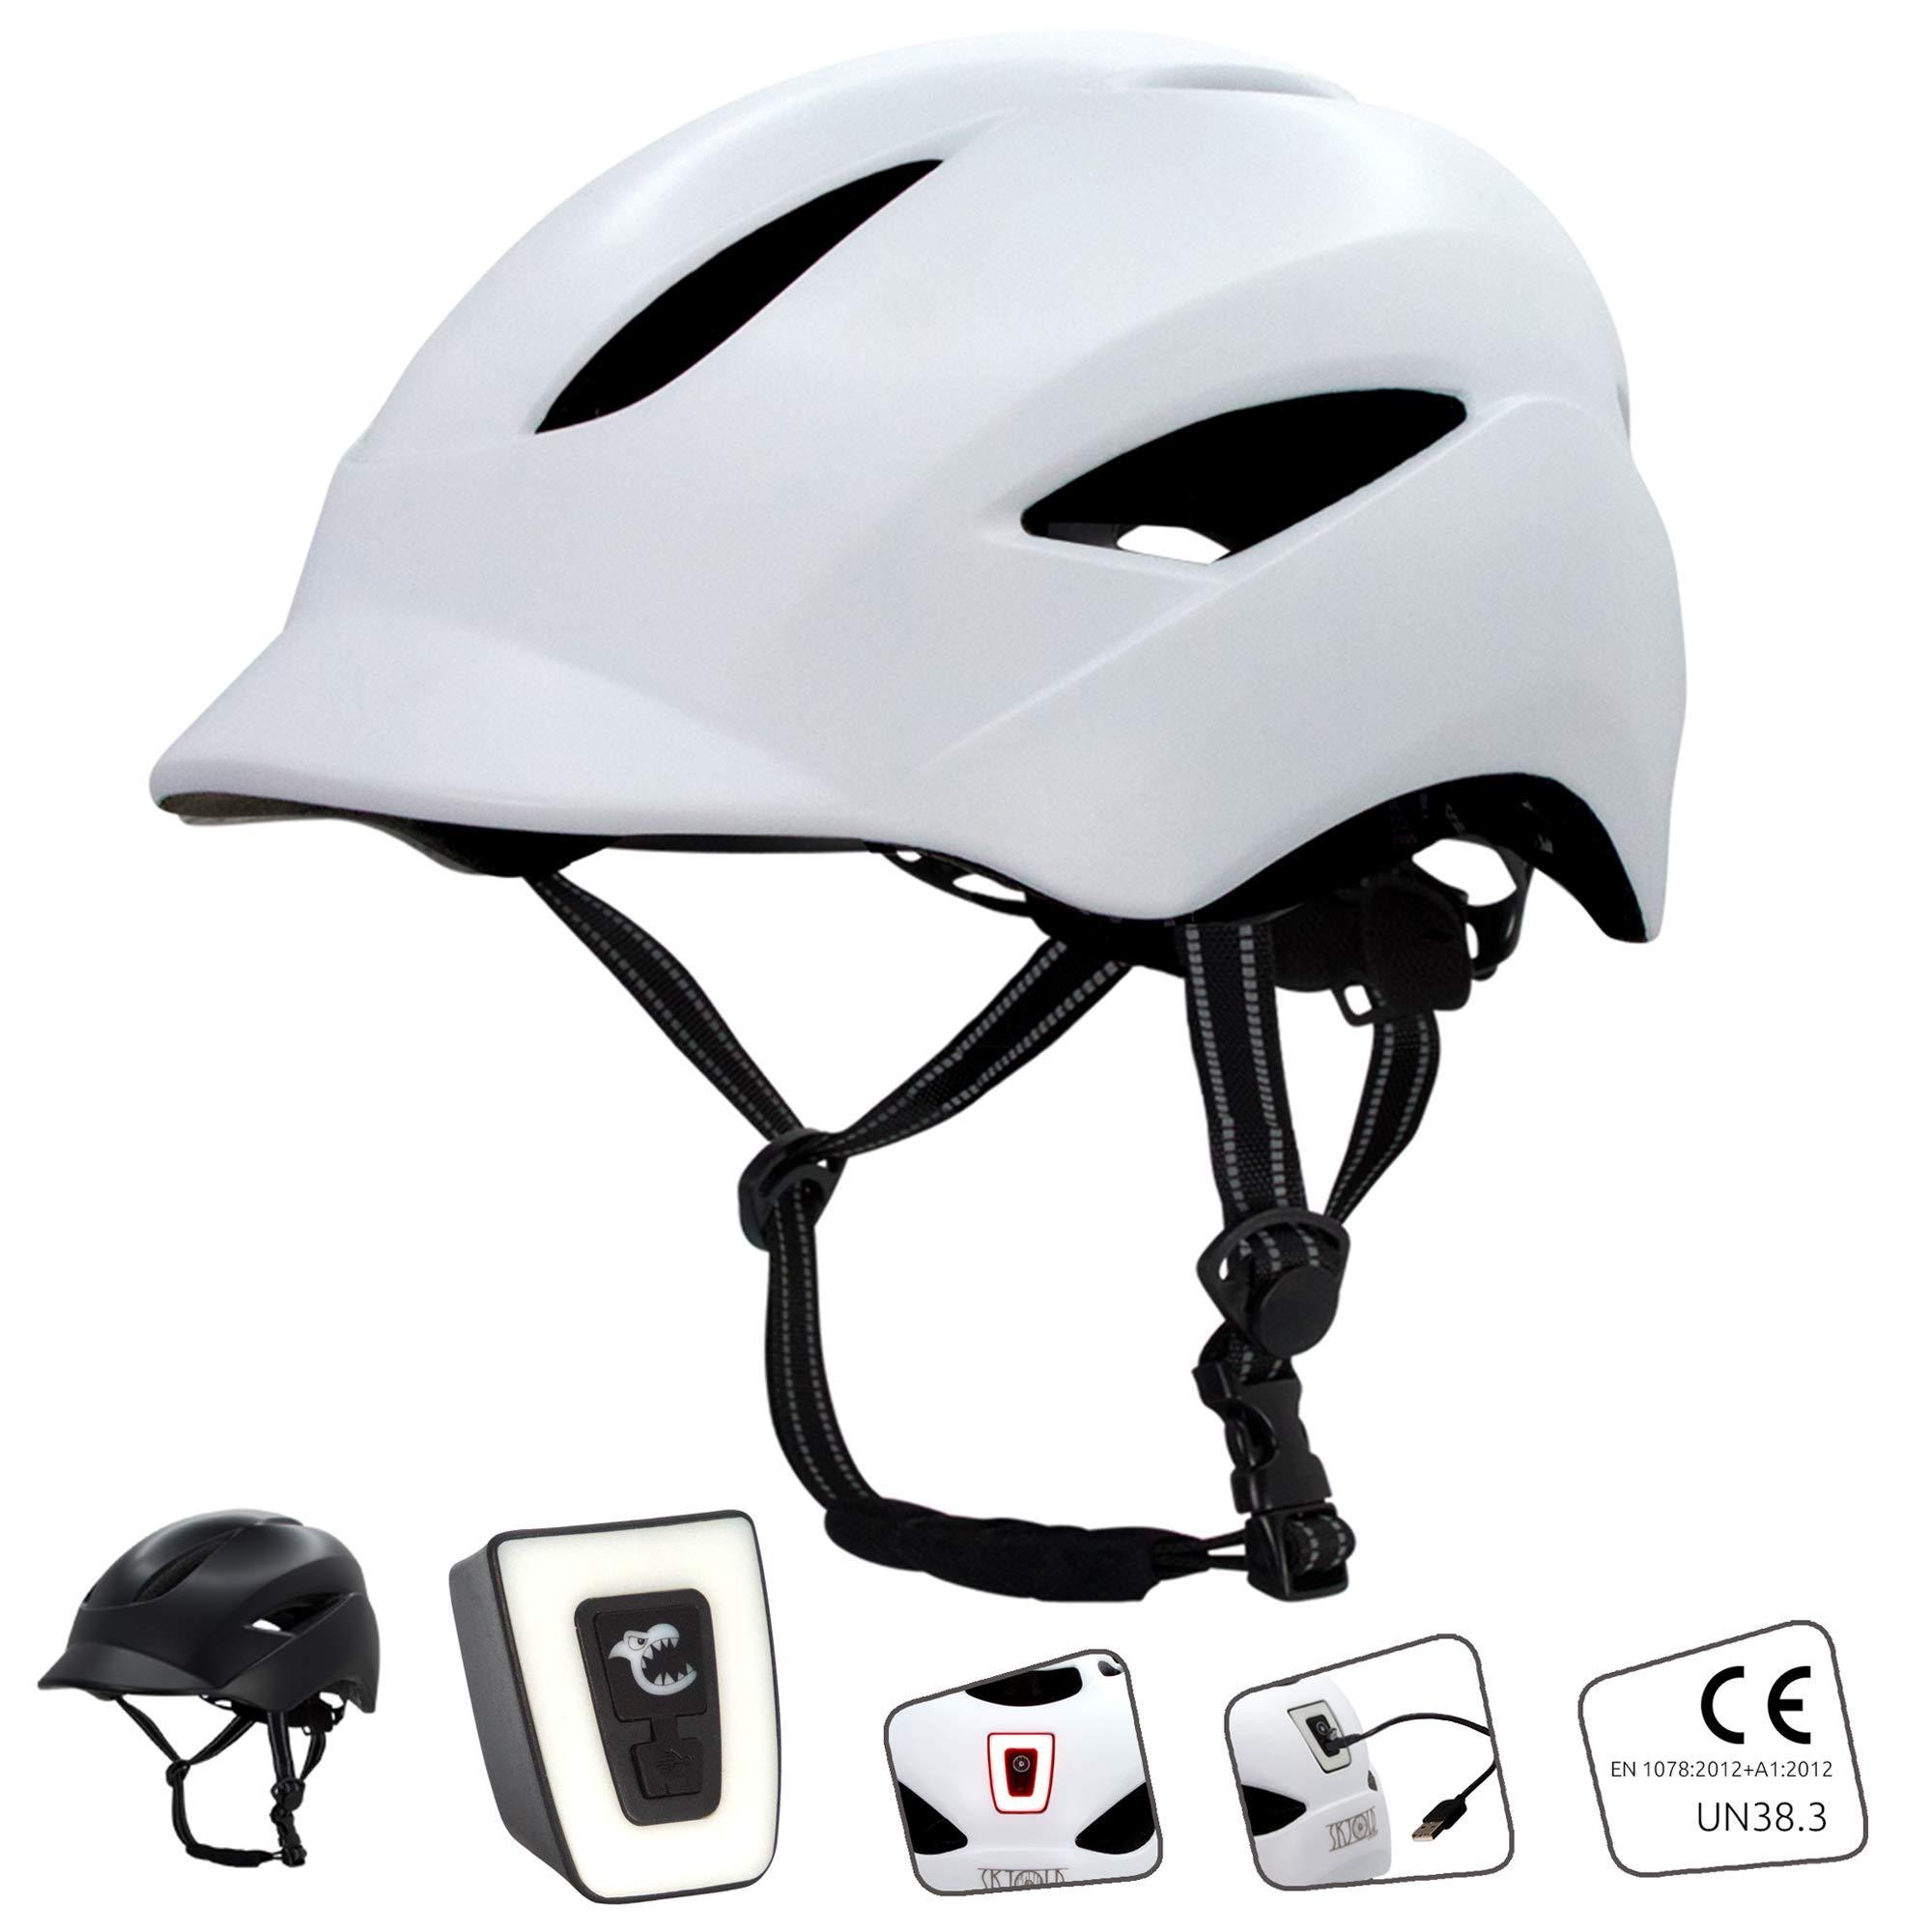 Crazy Safety Casco de Bici para Hombres, Mujeres, niños y niñas | Casco de Bicicleta con